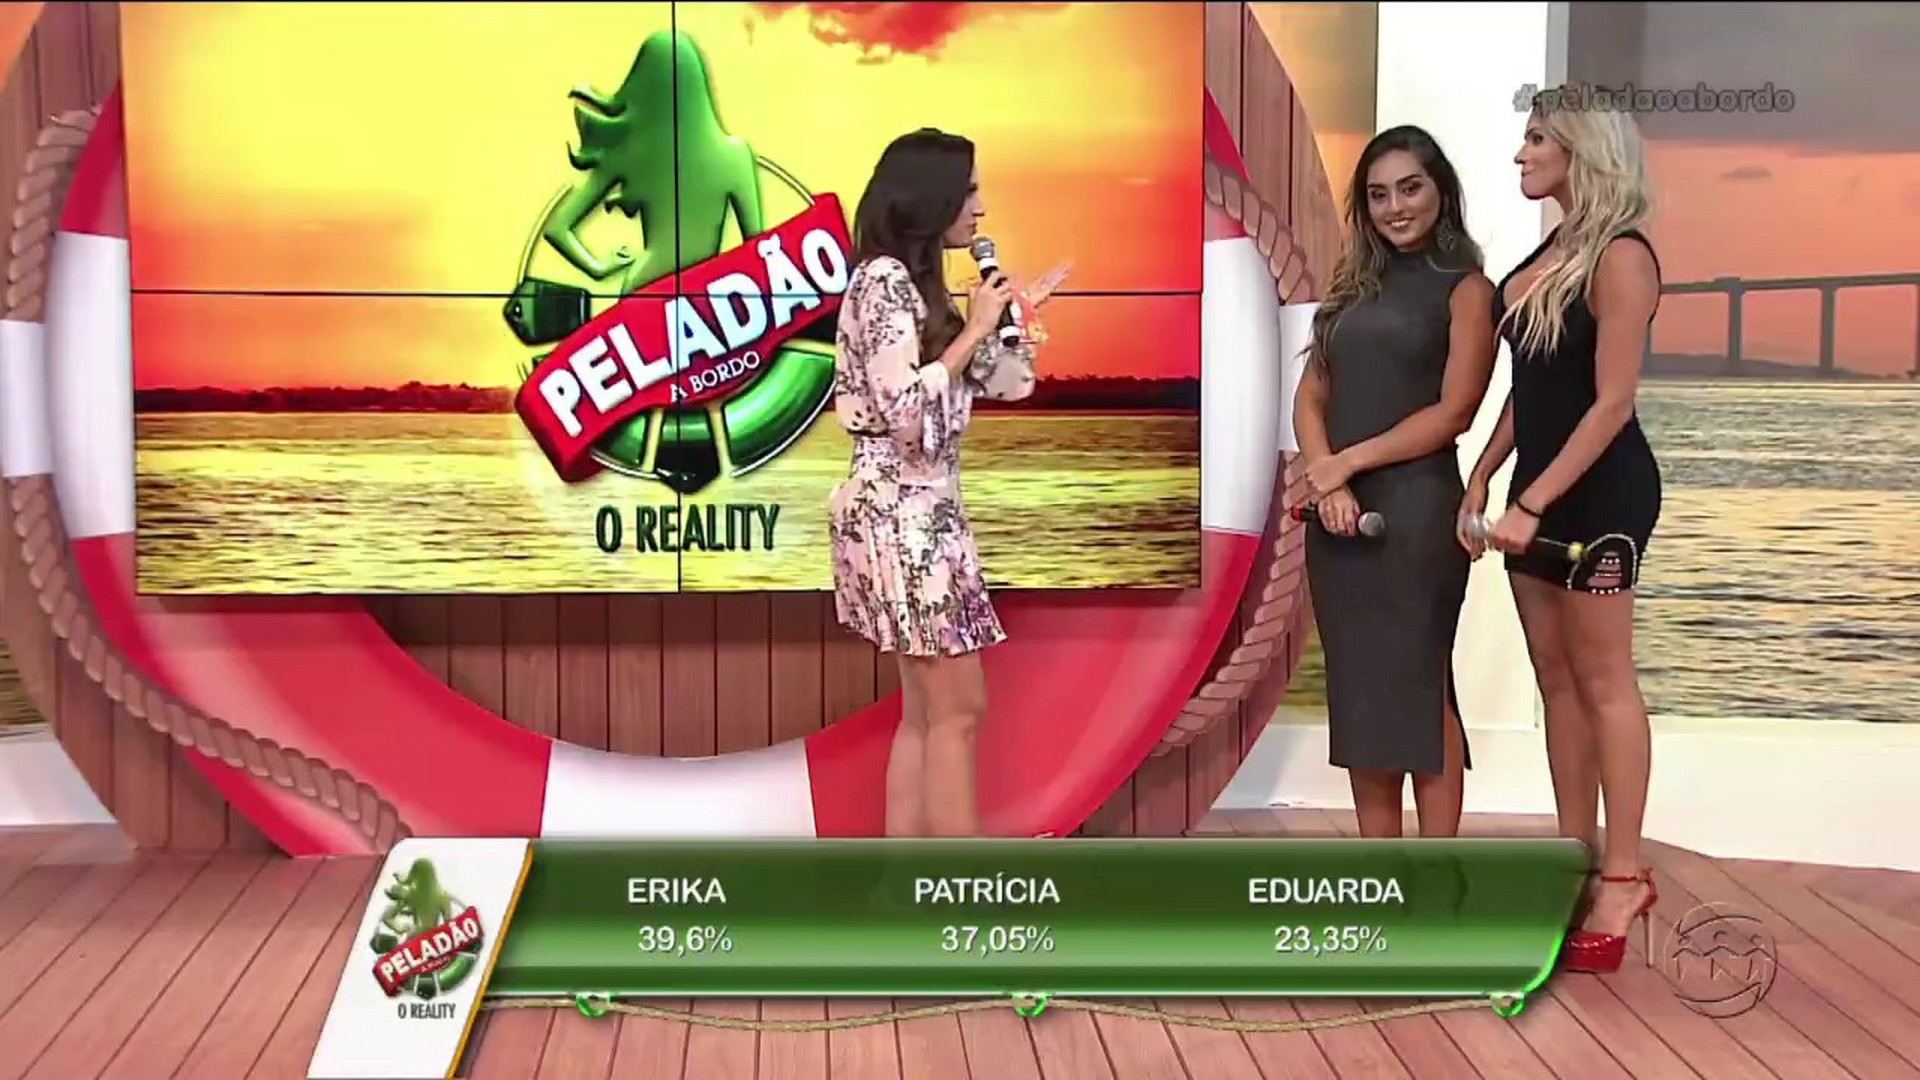 PELADÃO A BORDO - EPISÓDIO 07 - 22/11/17